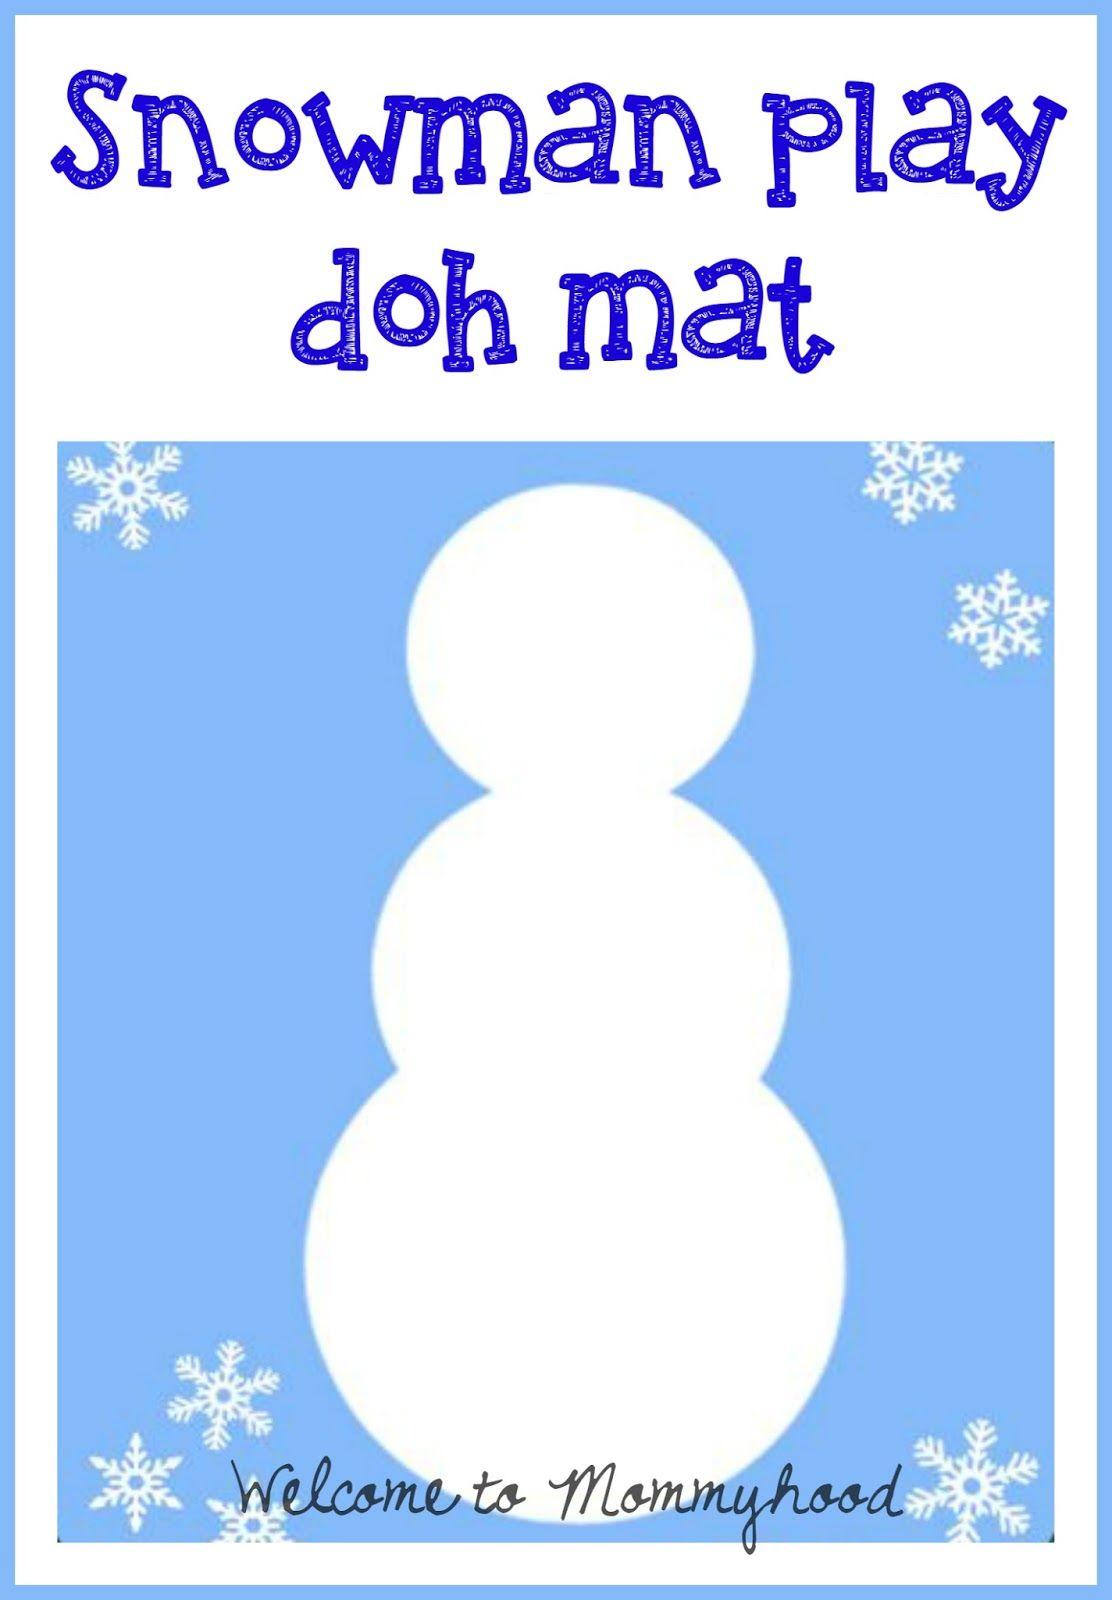 Playdough Activities Winter Snowman Play Doh Mat